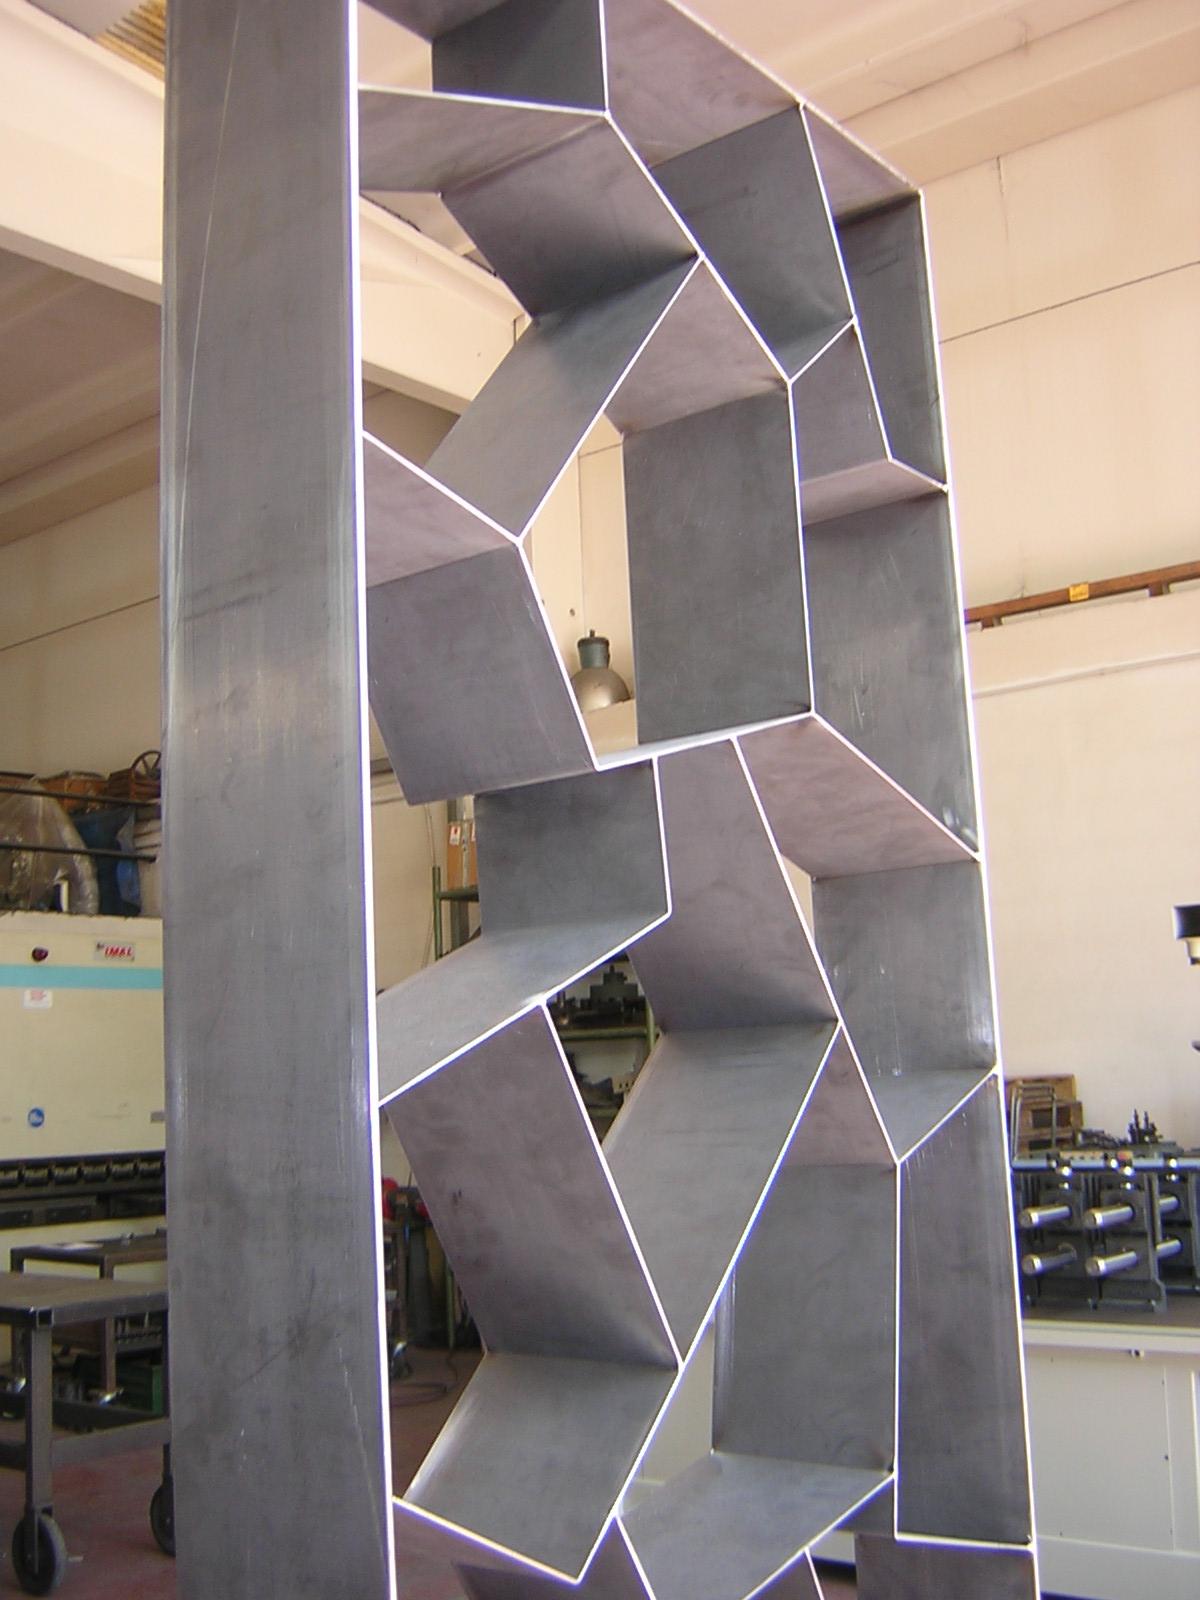 Lorenz ferart produce un'ampia selezione di prodotti per arredamento in ferro battuto a lavorazione tipicamente artigianale e rigorosamente made in italy. Lavorazione Oggetti D Arredo In Ferro Bologna